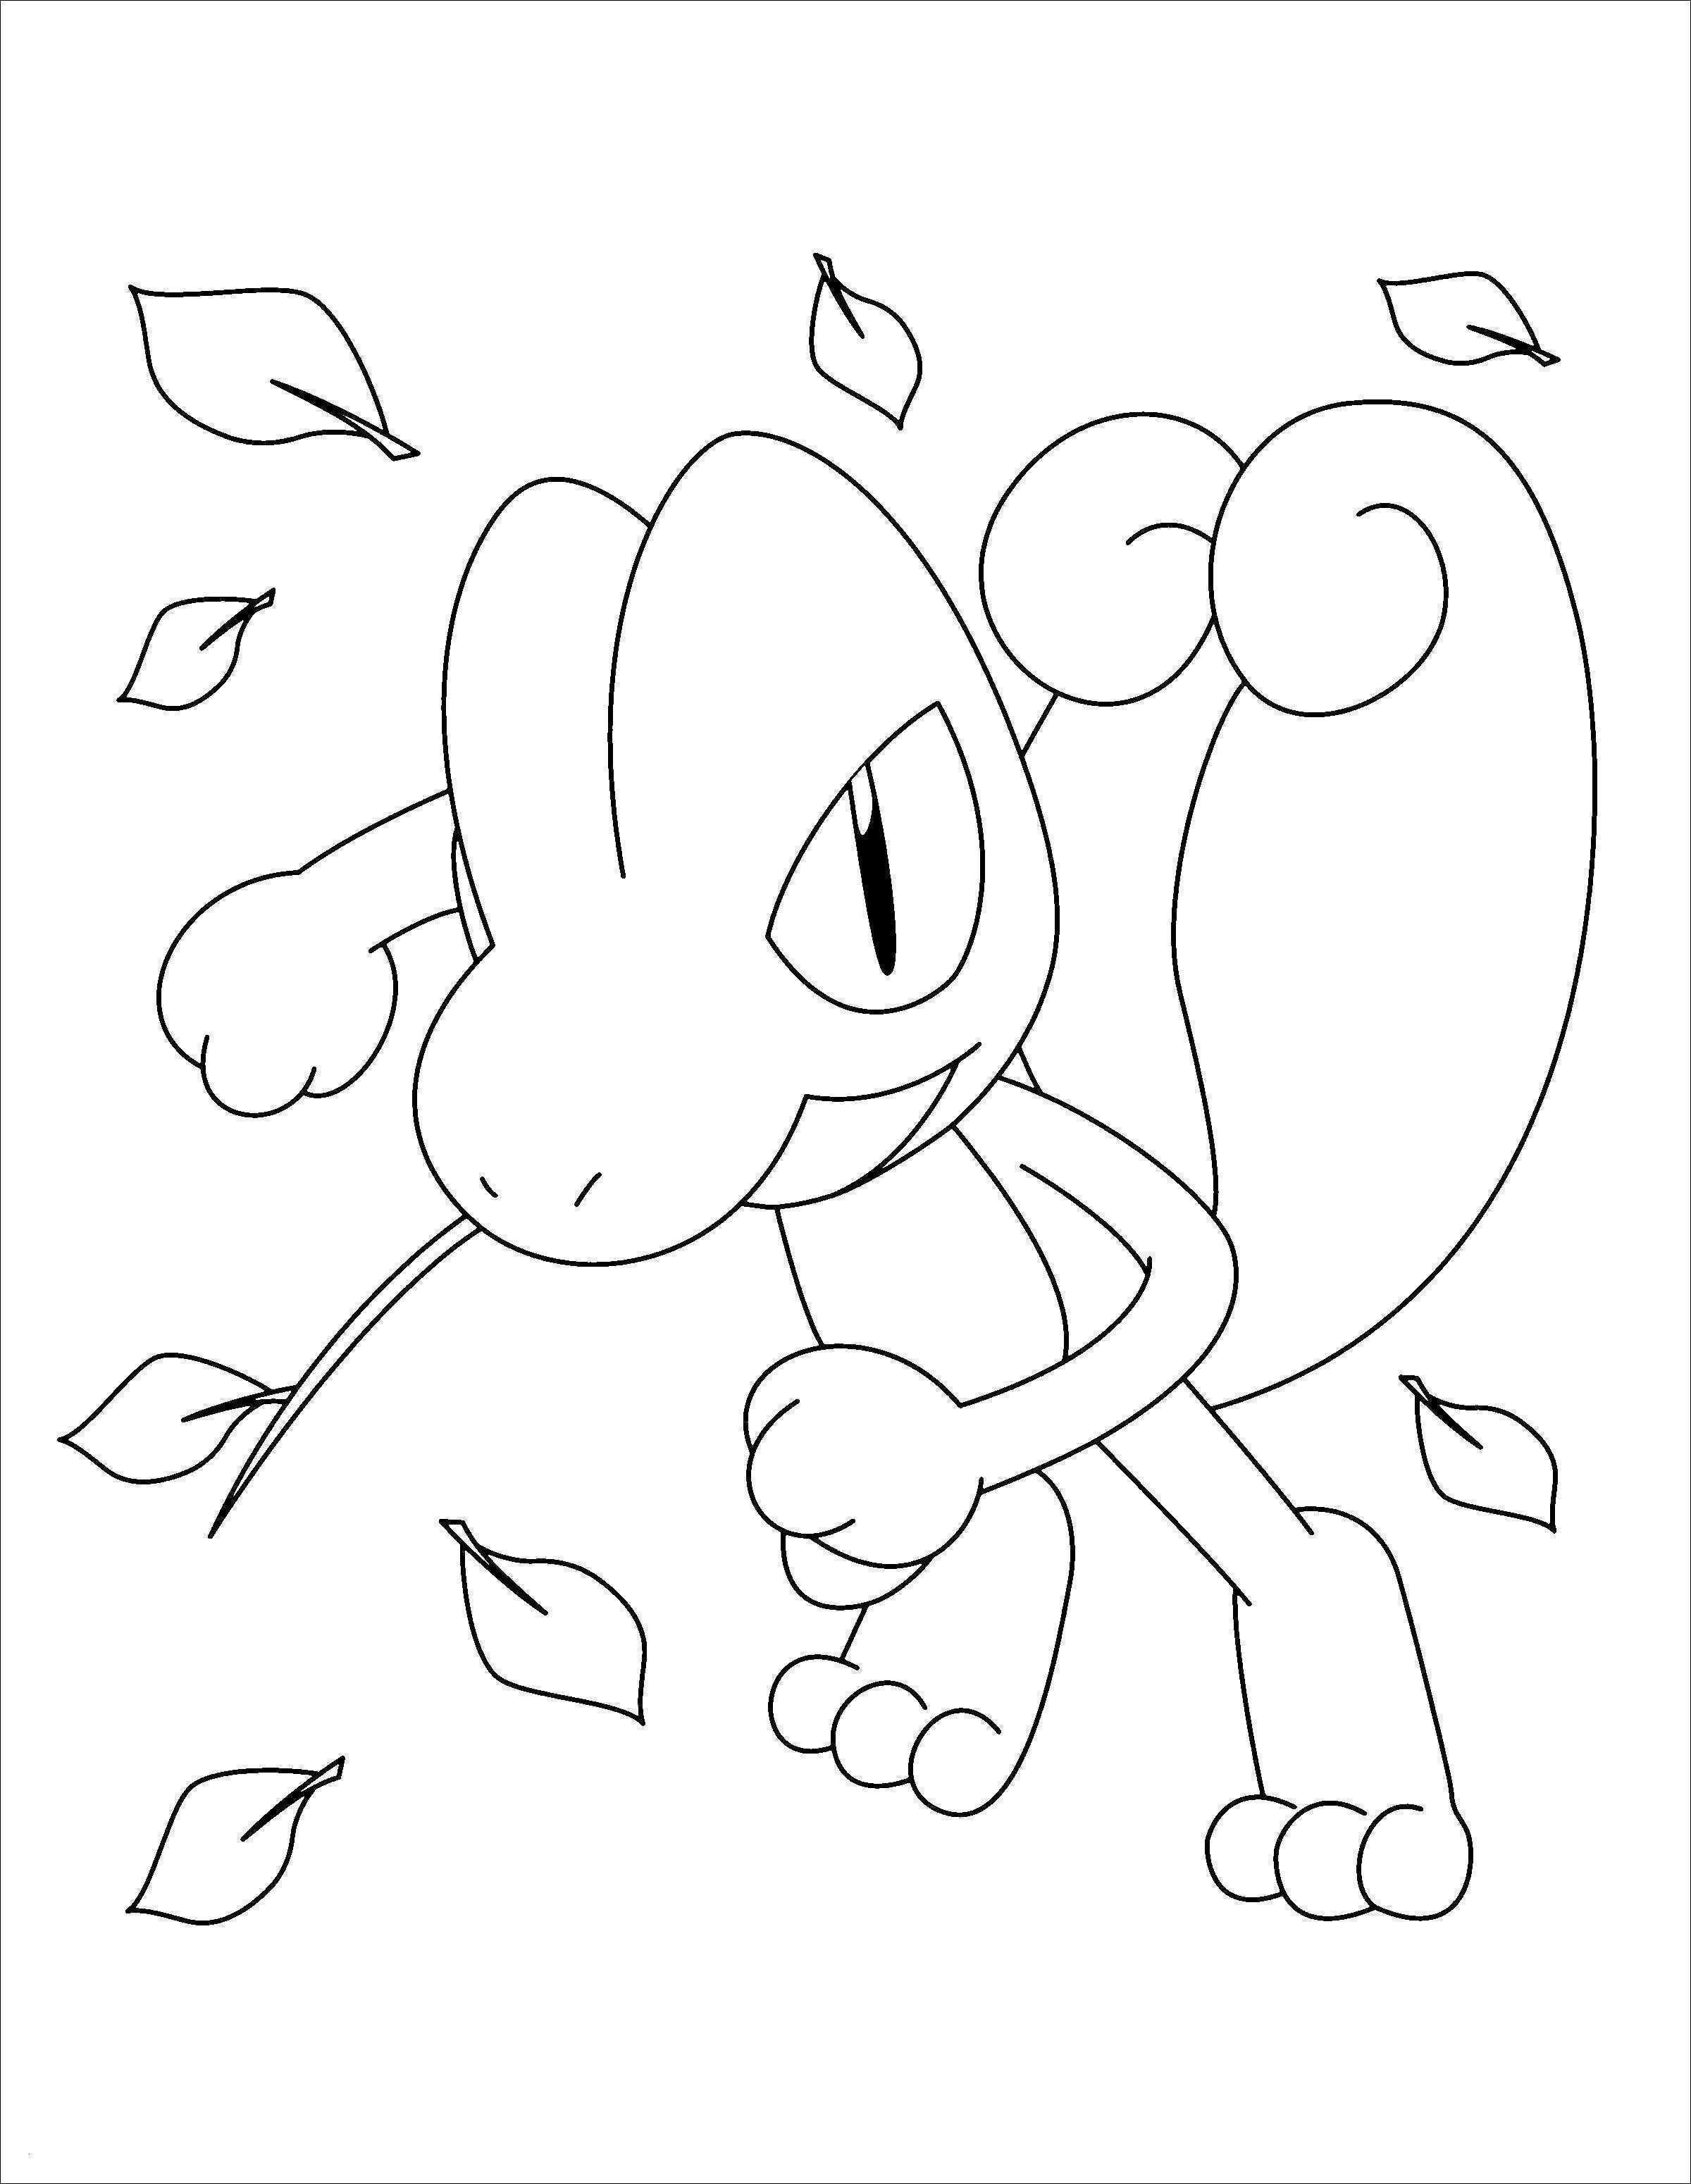 Pokemon Malvorlagen Zum Drucken Frisch Disney Cars Malvorlagen Mytoys Blog Während 3 Watchonsale Sammlung